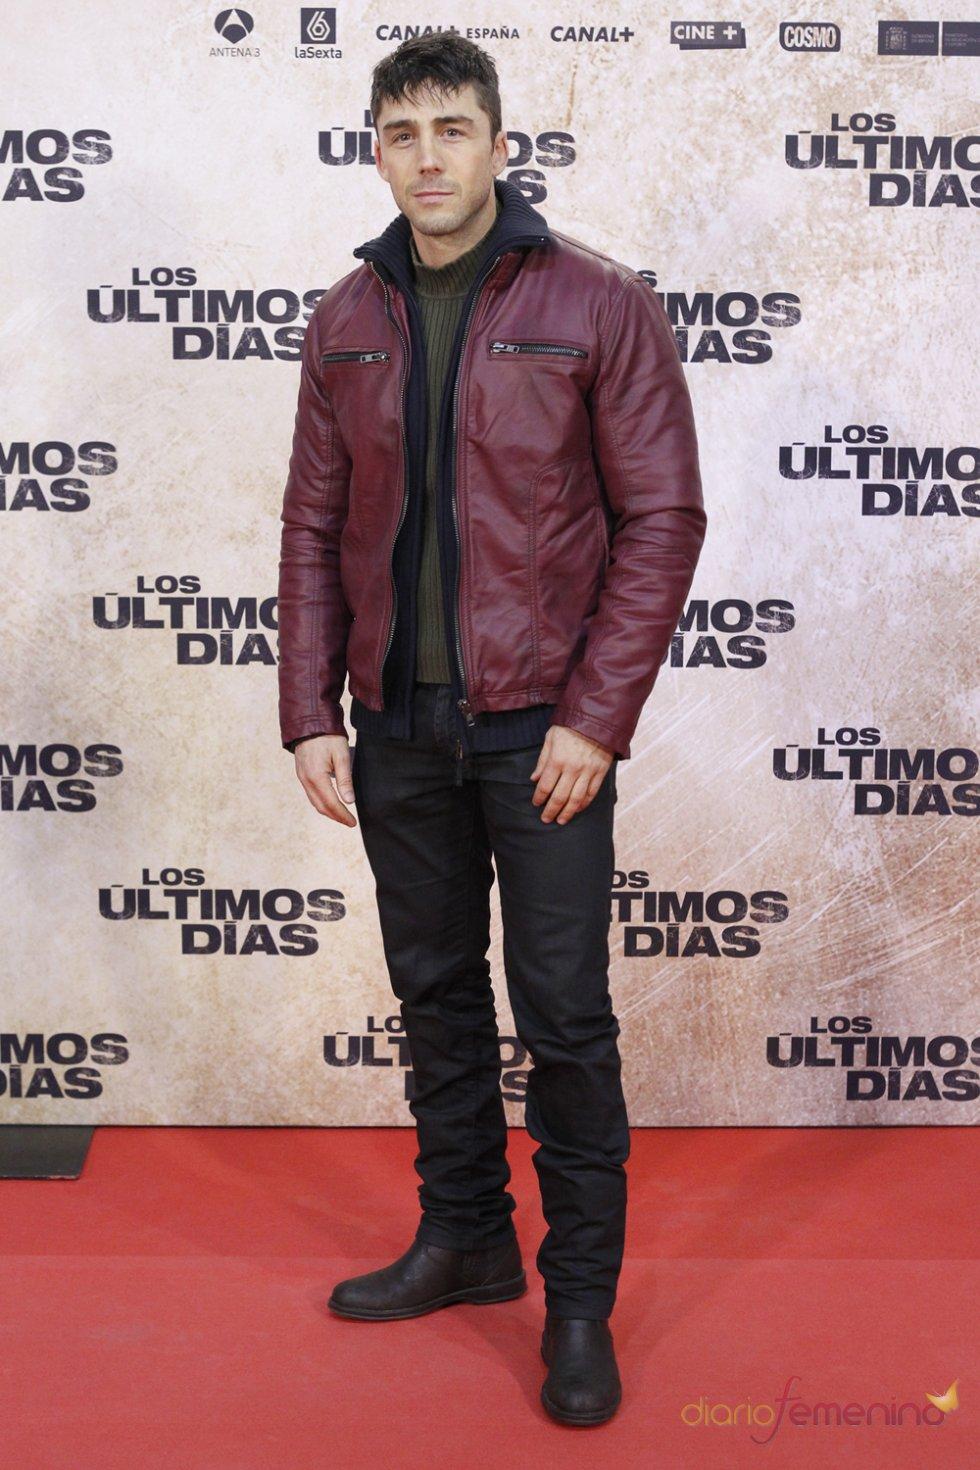 El actor Rubén Sanz en la premiere de 'Los últimos días'